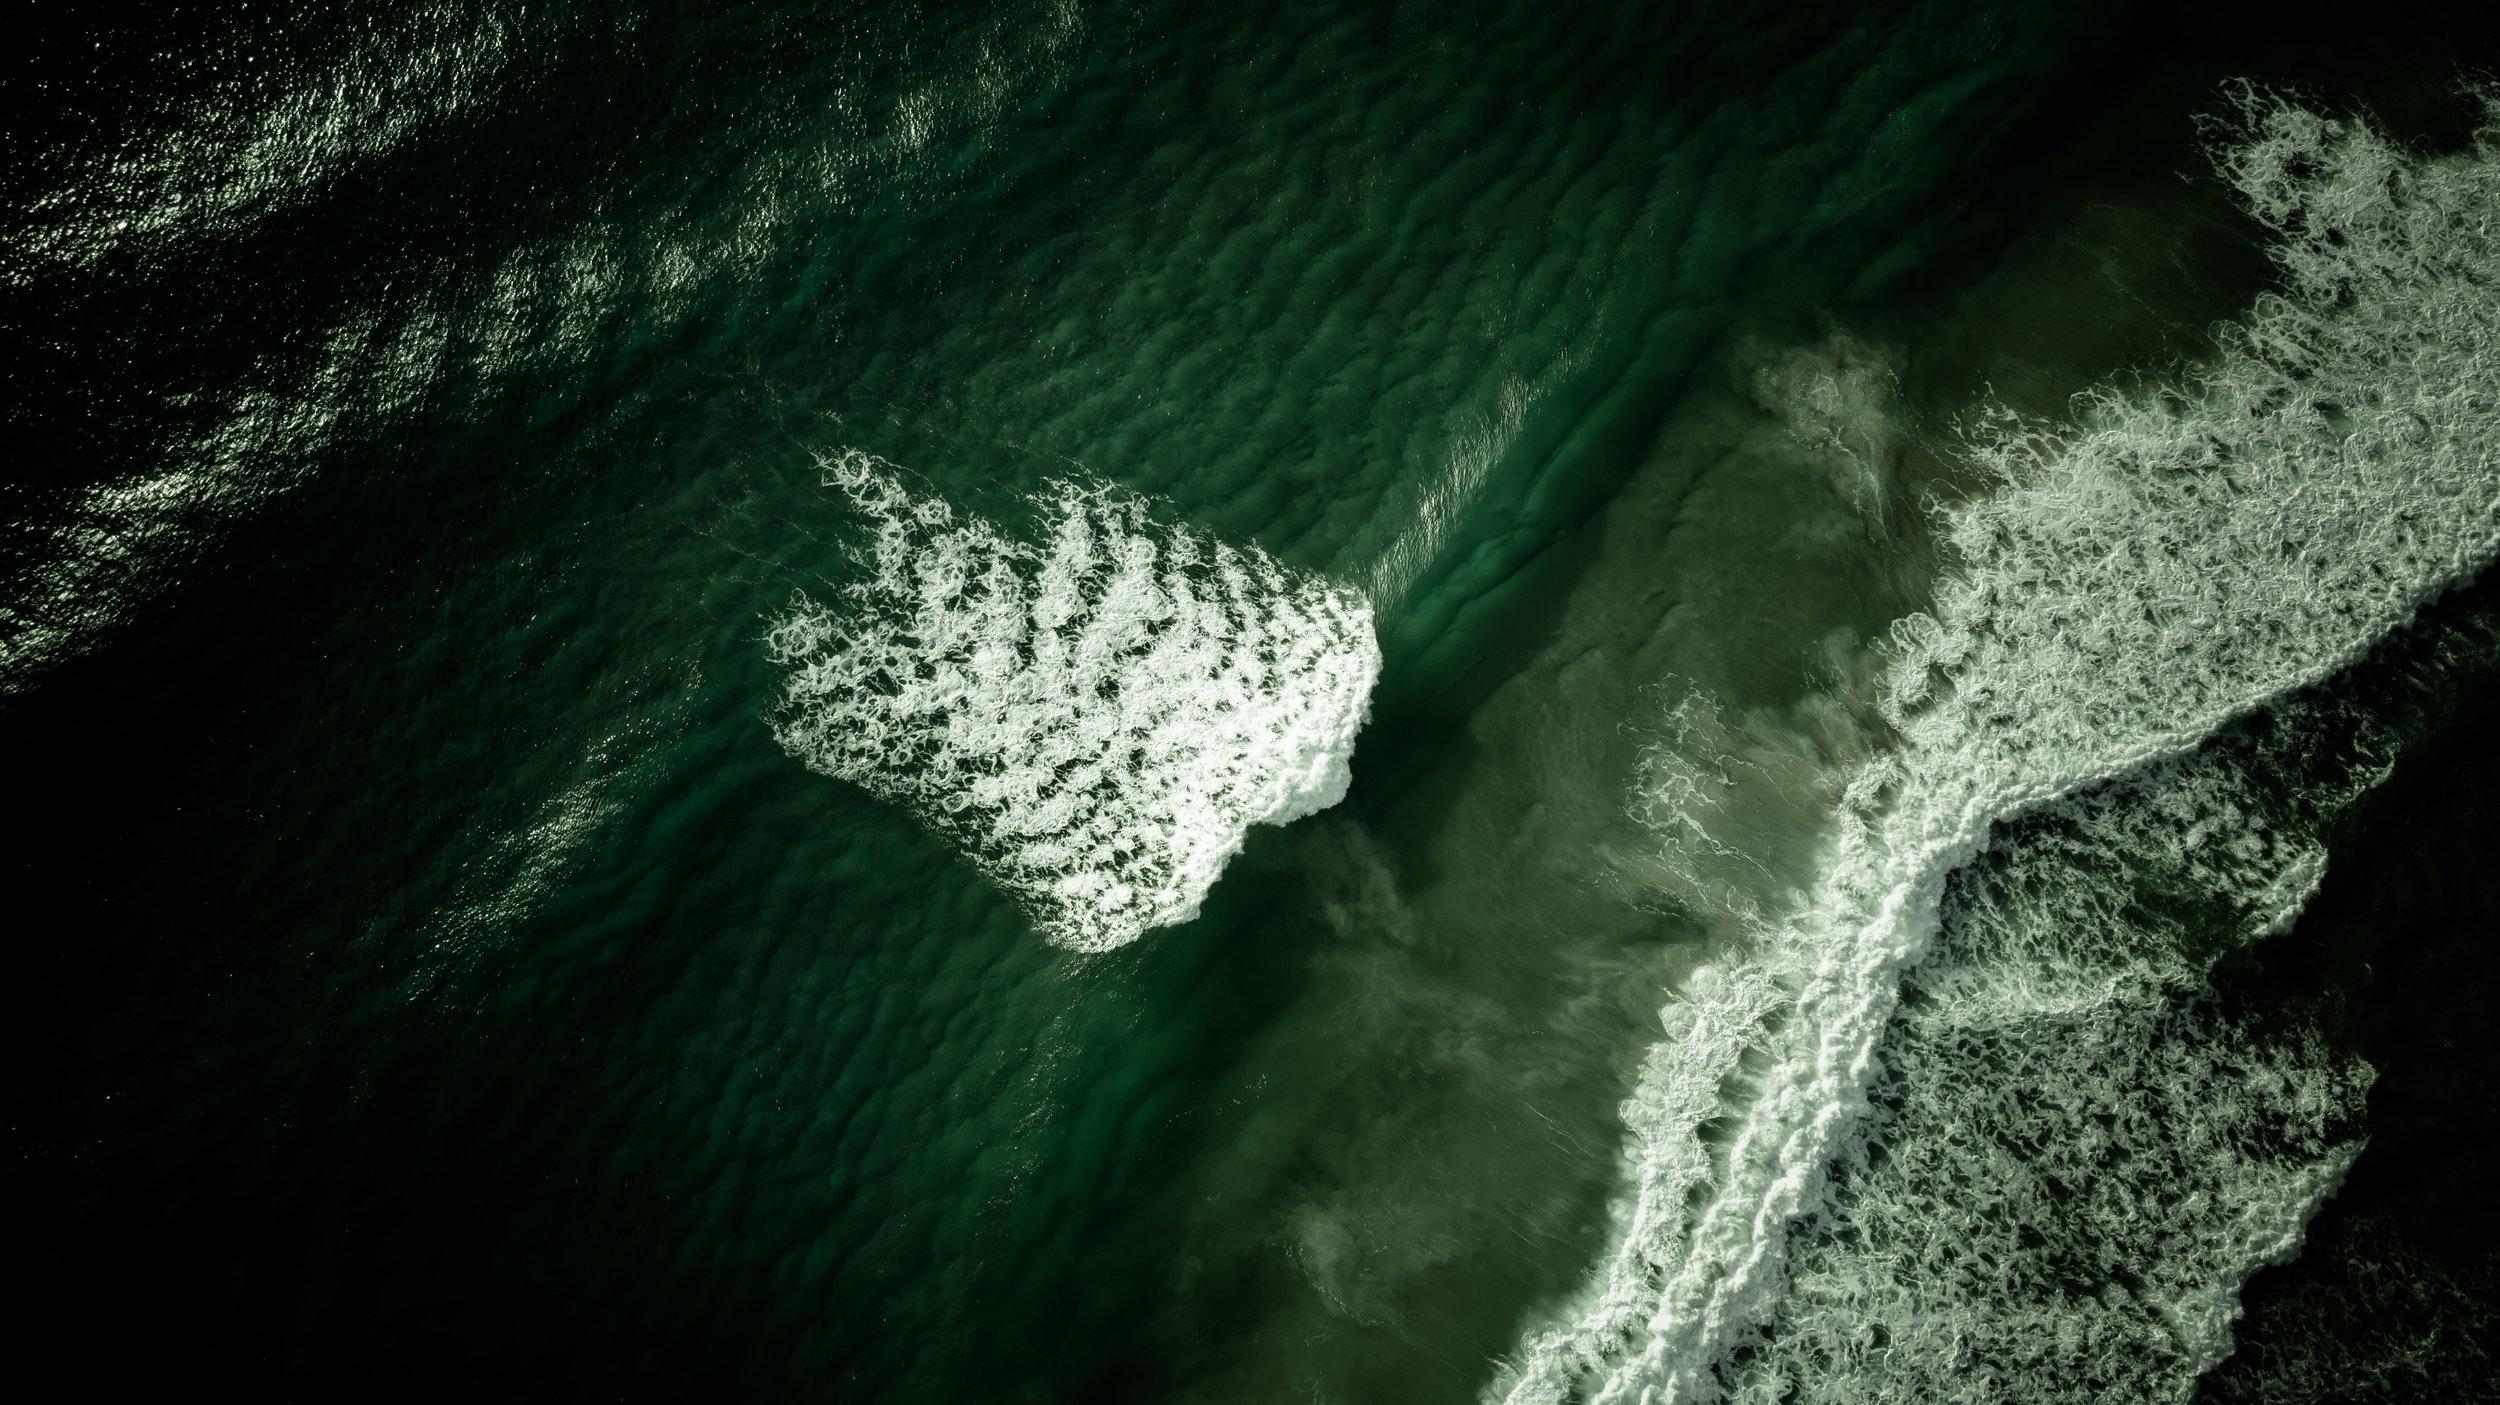 tidal motion-4-0592.jpg